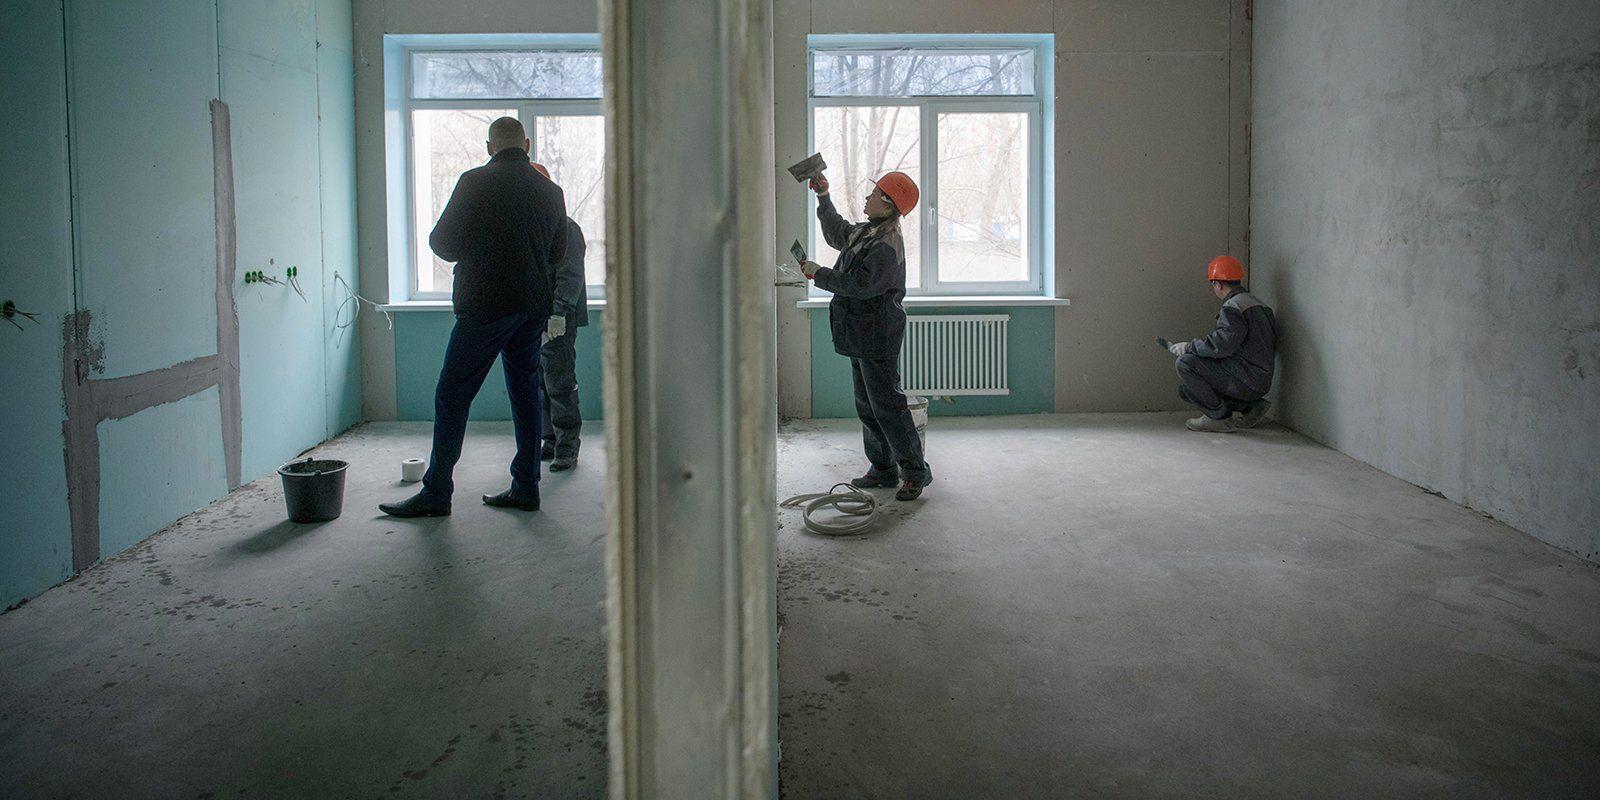 Сейчас идут модернизация и ремонт нескольких корпусов. Фото: пресс-служба мэра и Правительства Москвы